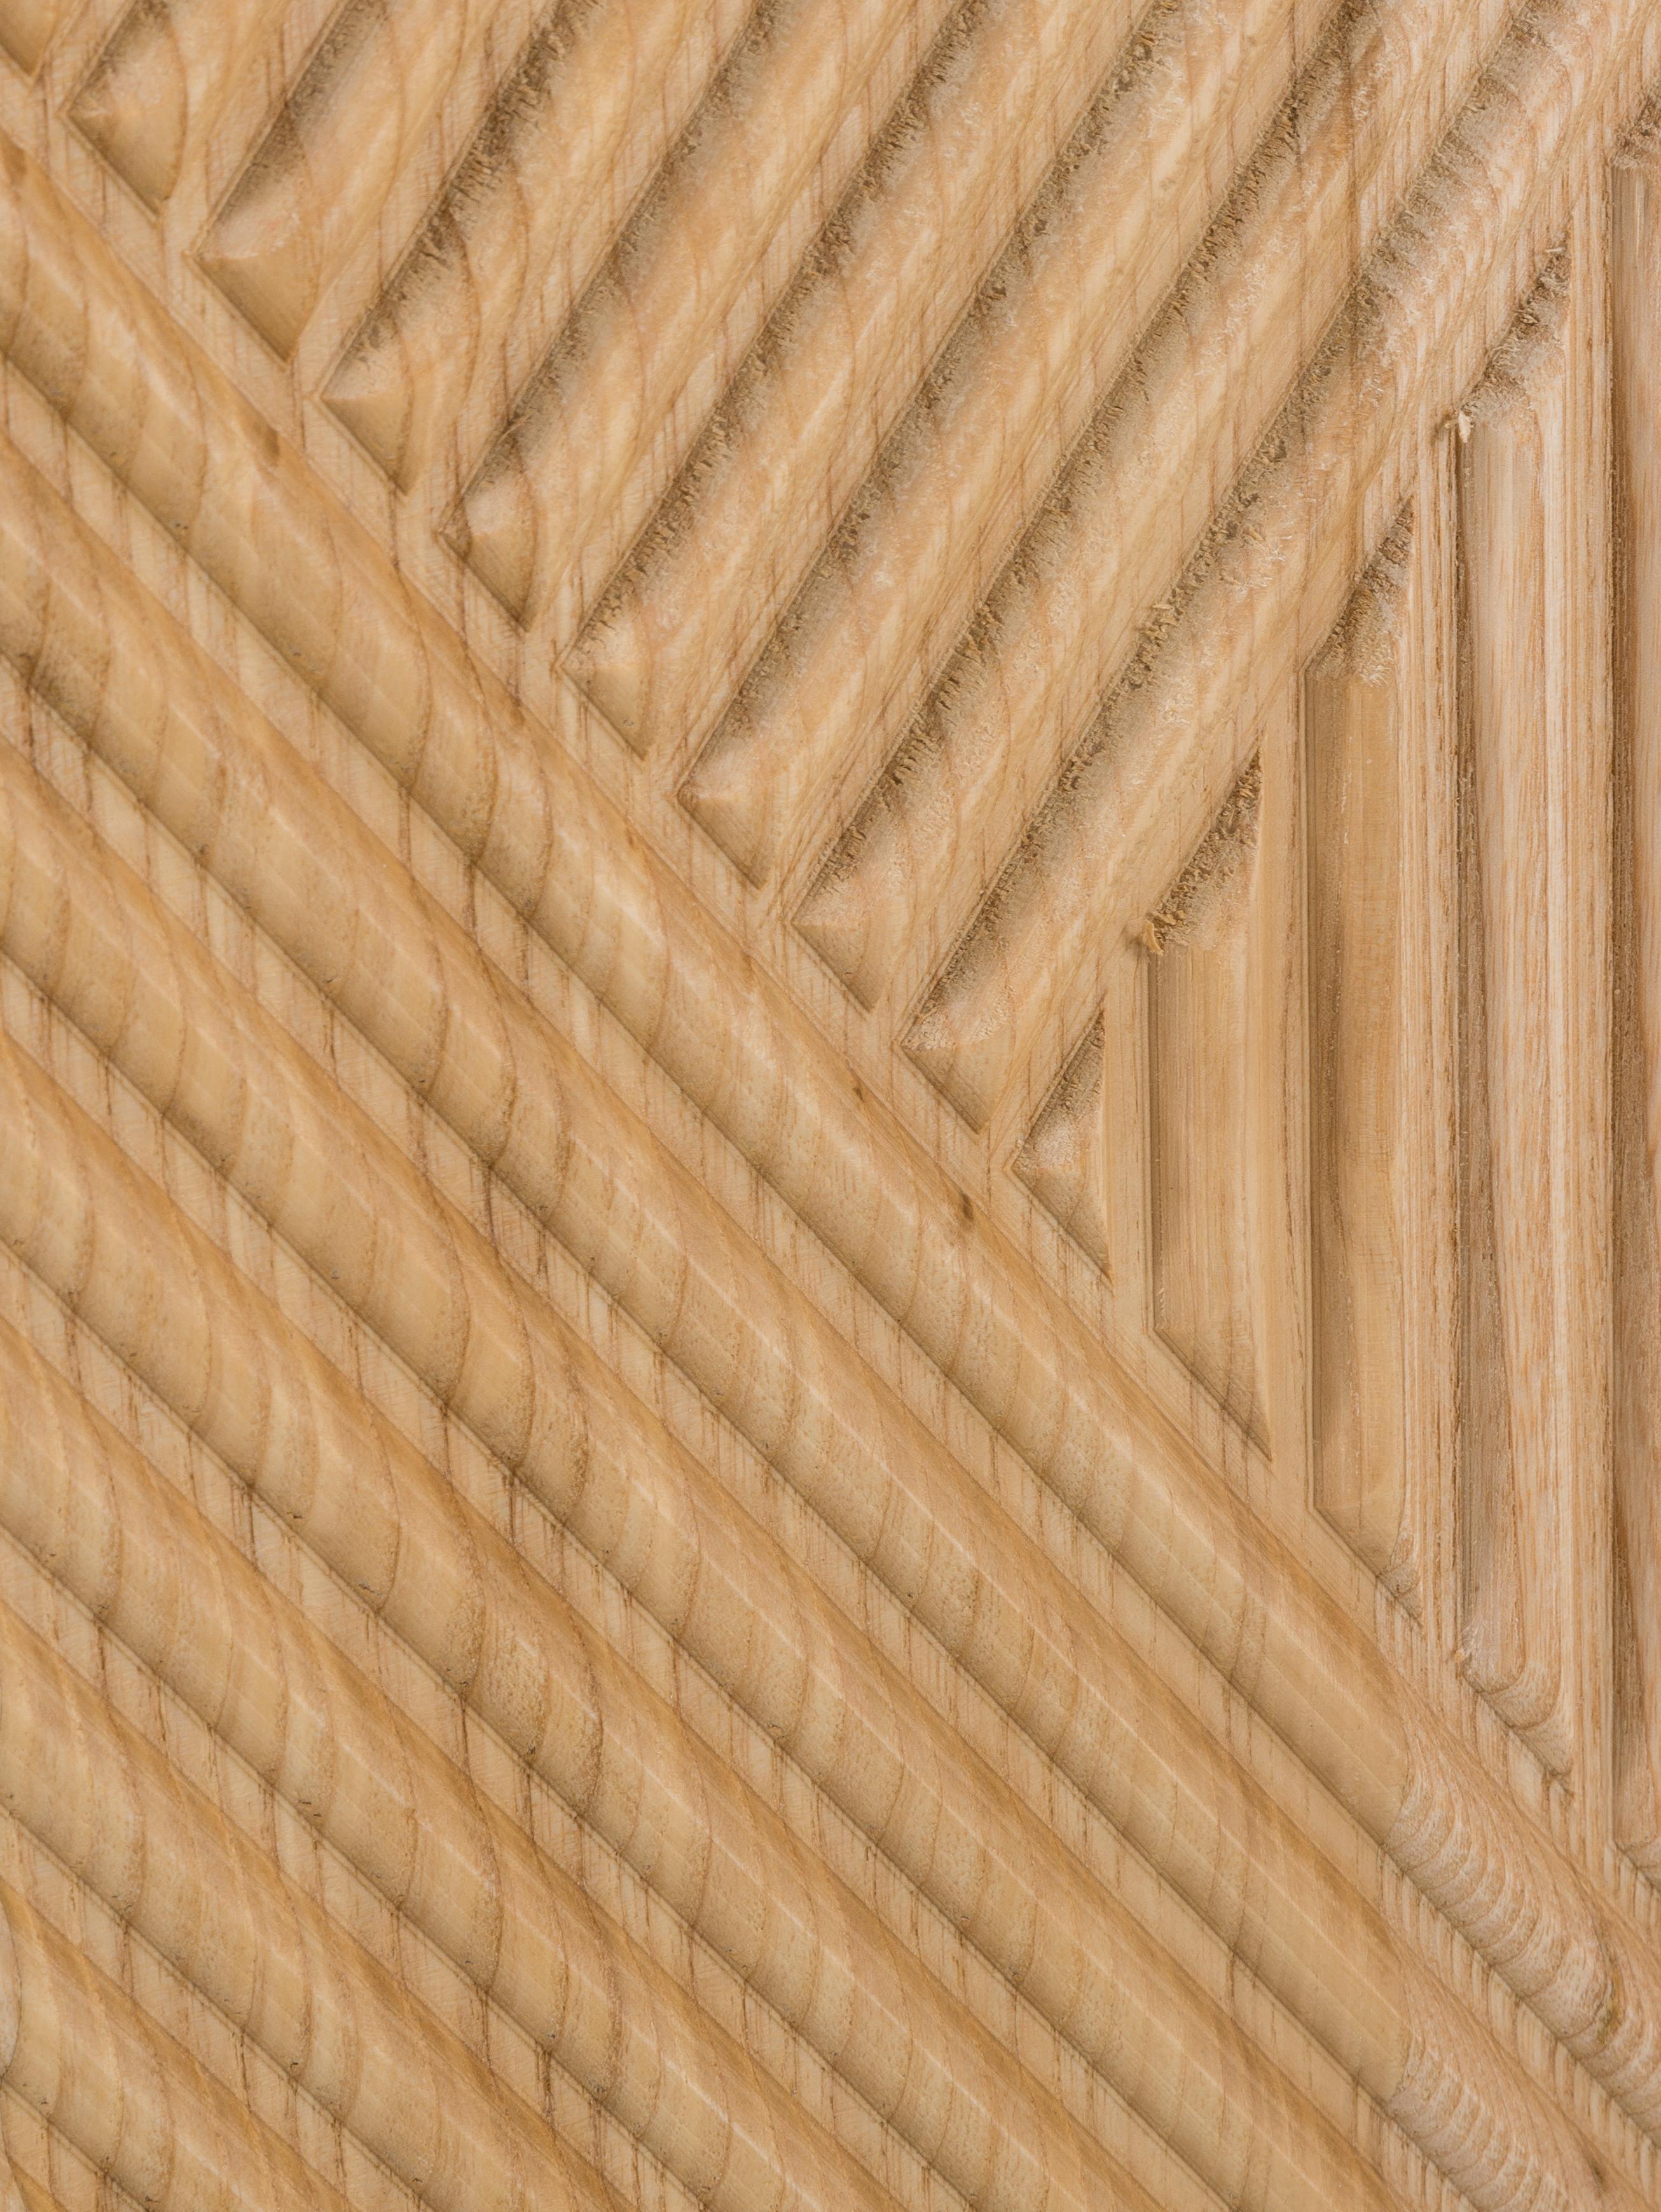 Credenza in legno massello di mango Louis, Legno massello di mango verniciato, Legno di frassino, Larg. 177 x Alt. 75 cm